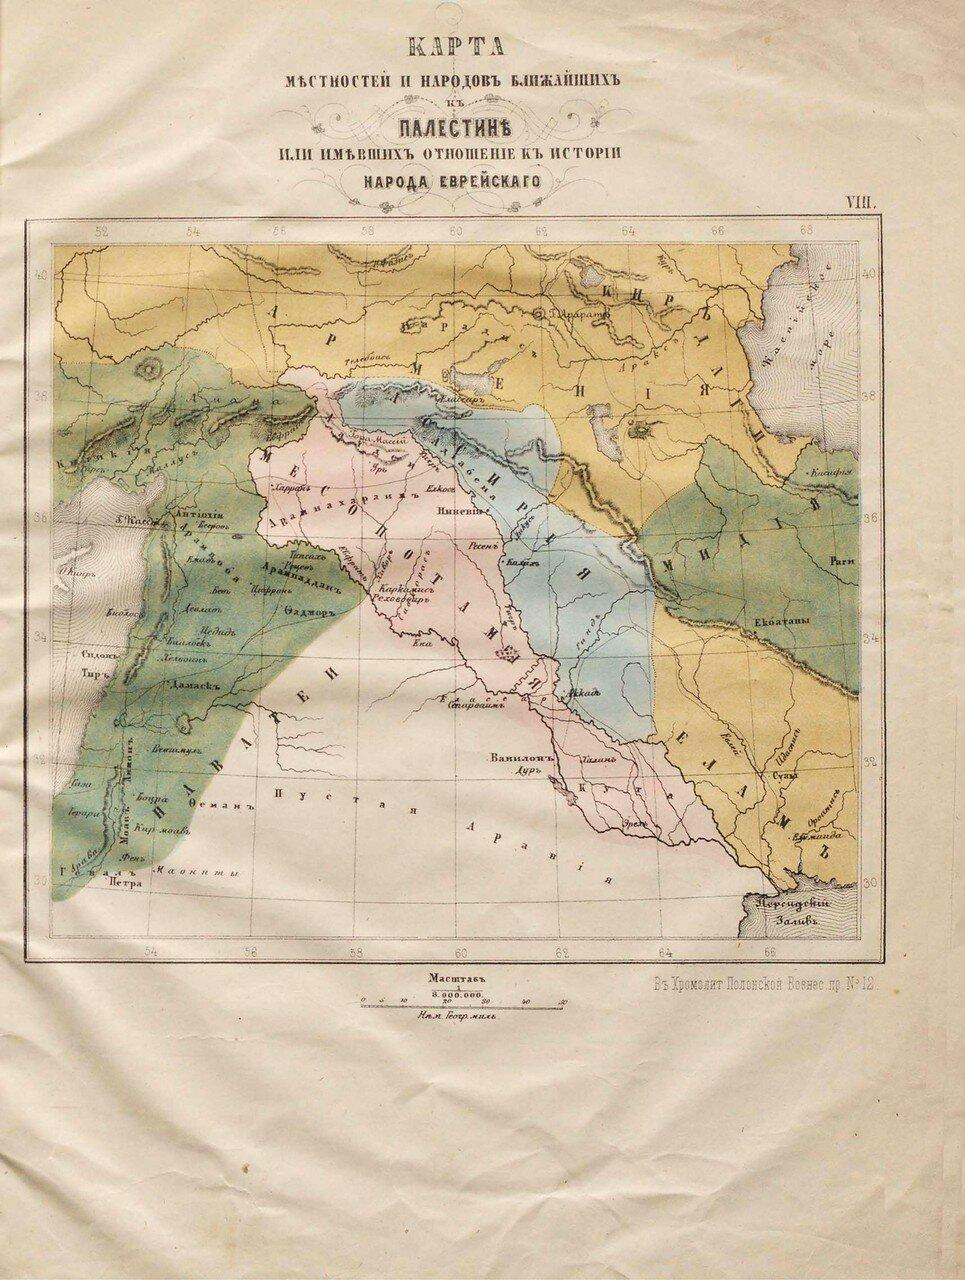 06. Карта местностей и народов, ближайших к Палестине или имевших отношение к истории народа еврейского